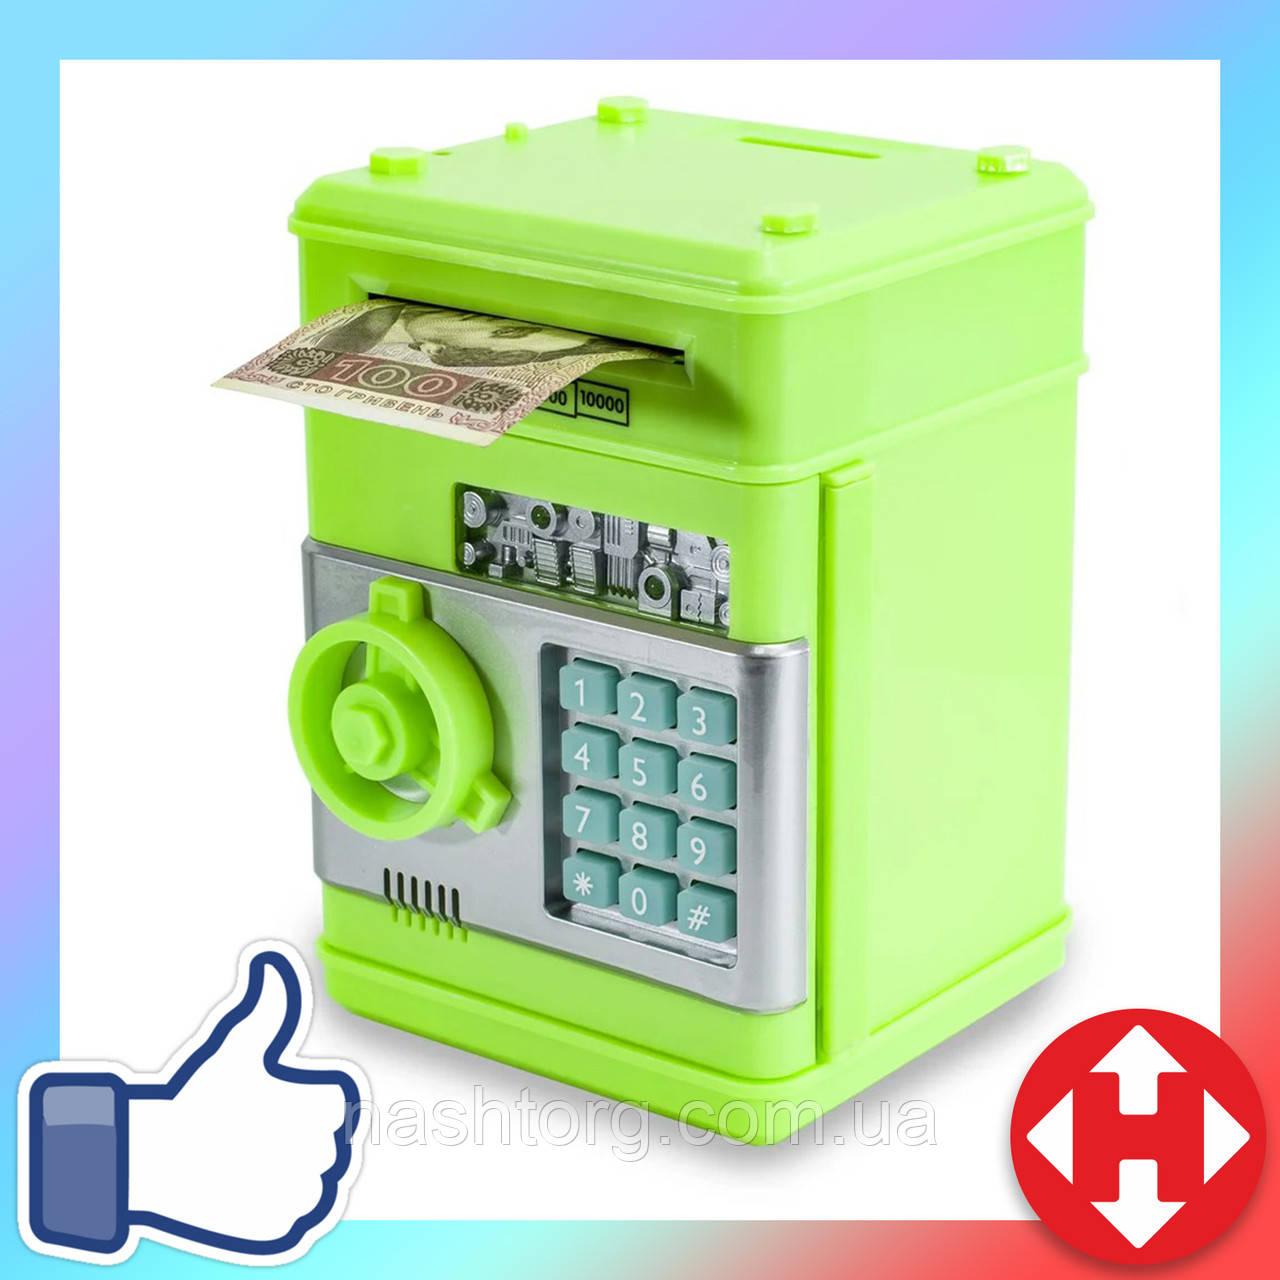 Распродажа! Копилка детская (зелёный корпус, круглая зеленая ручка, бирюзовые кнопки) детский игрушечный сейф